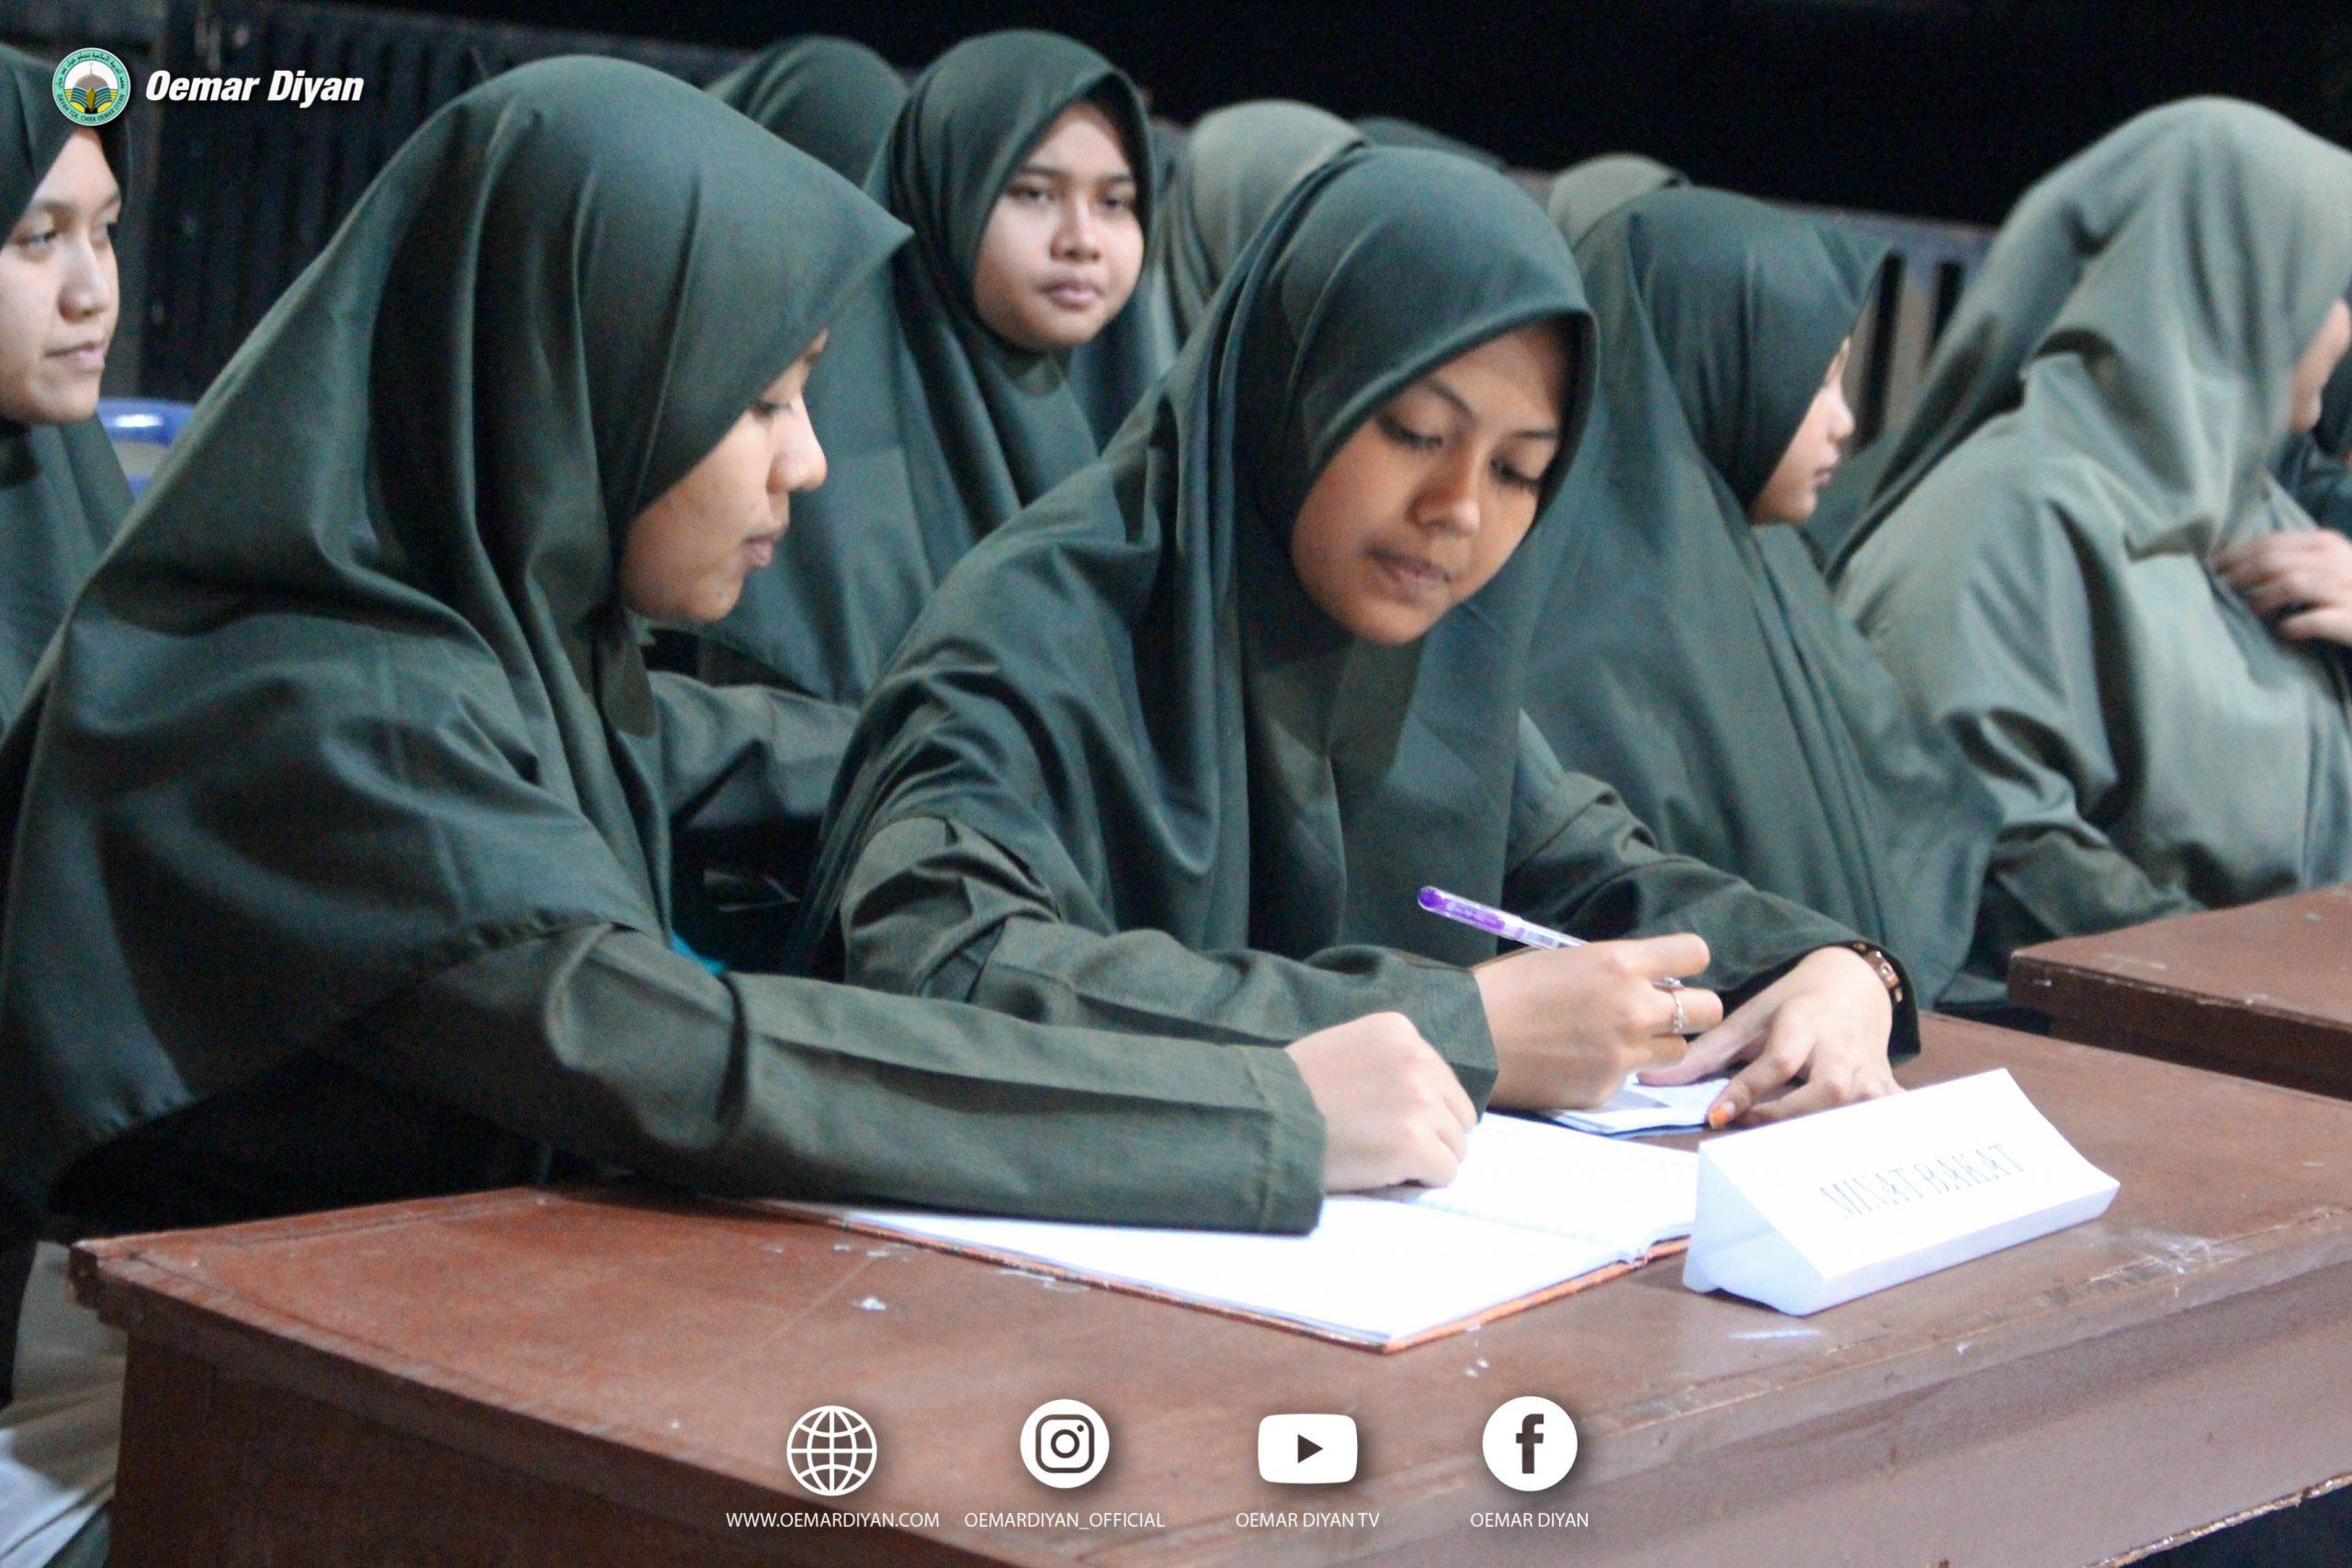 Pembahasan dan evaluasi Program Kerja OPDTCU Santriwati Oemar Diyan